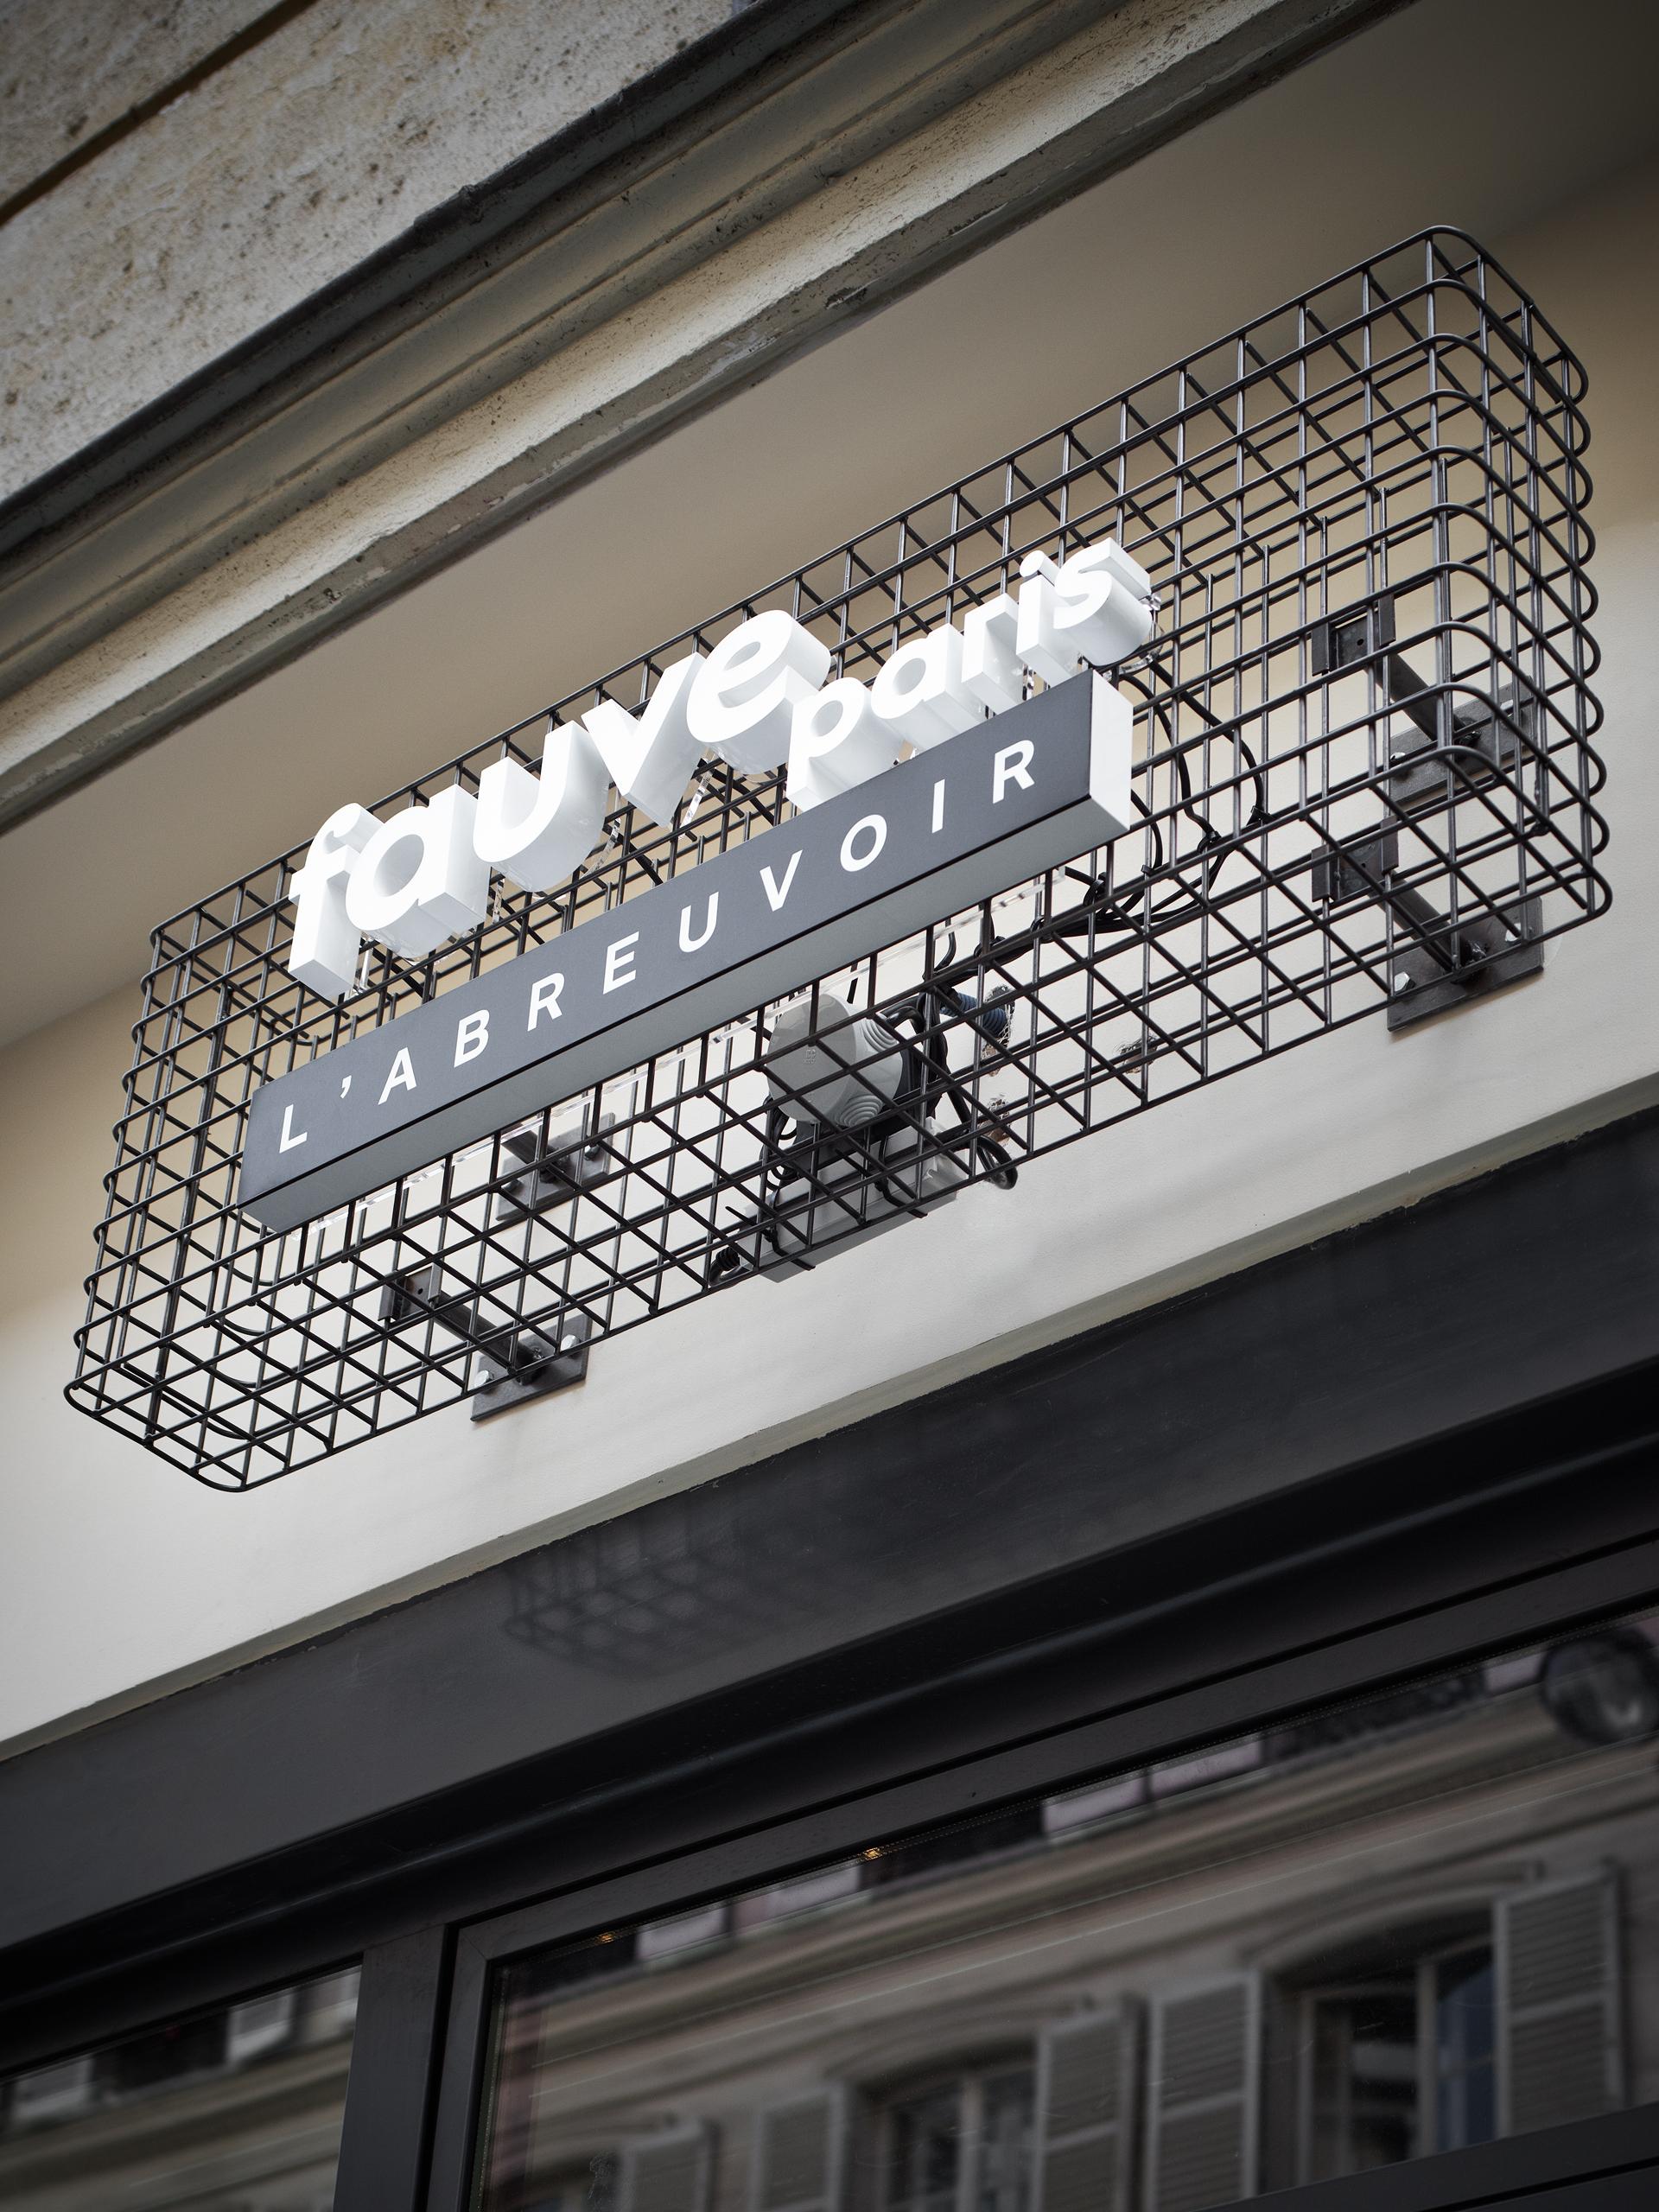 Cut Architectures_Fauve Paris+Abreuvoir10©DavidFoessel.jpg